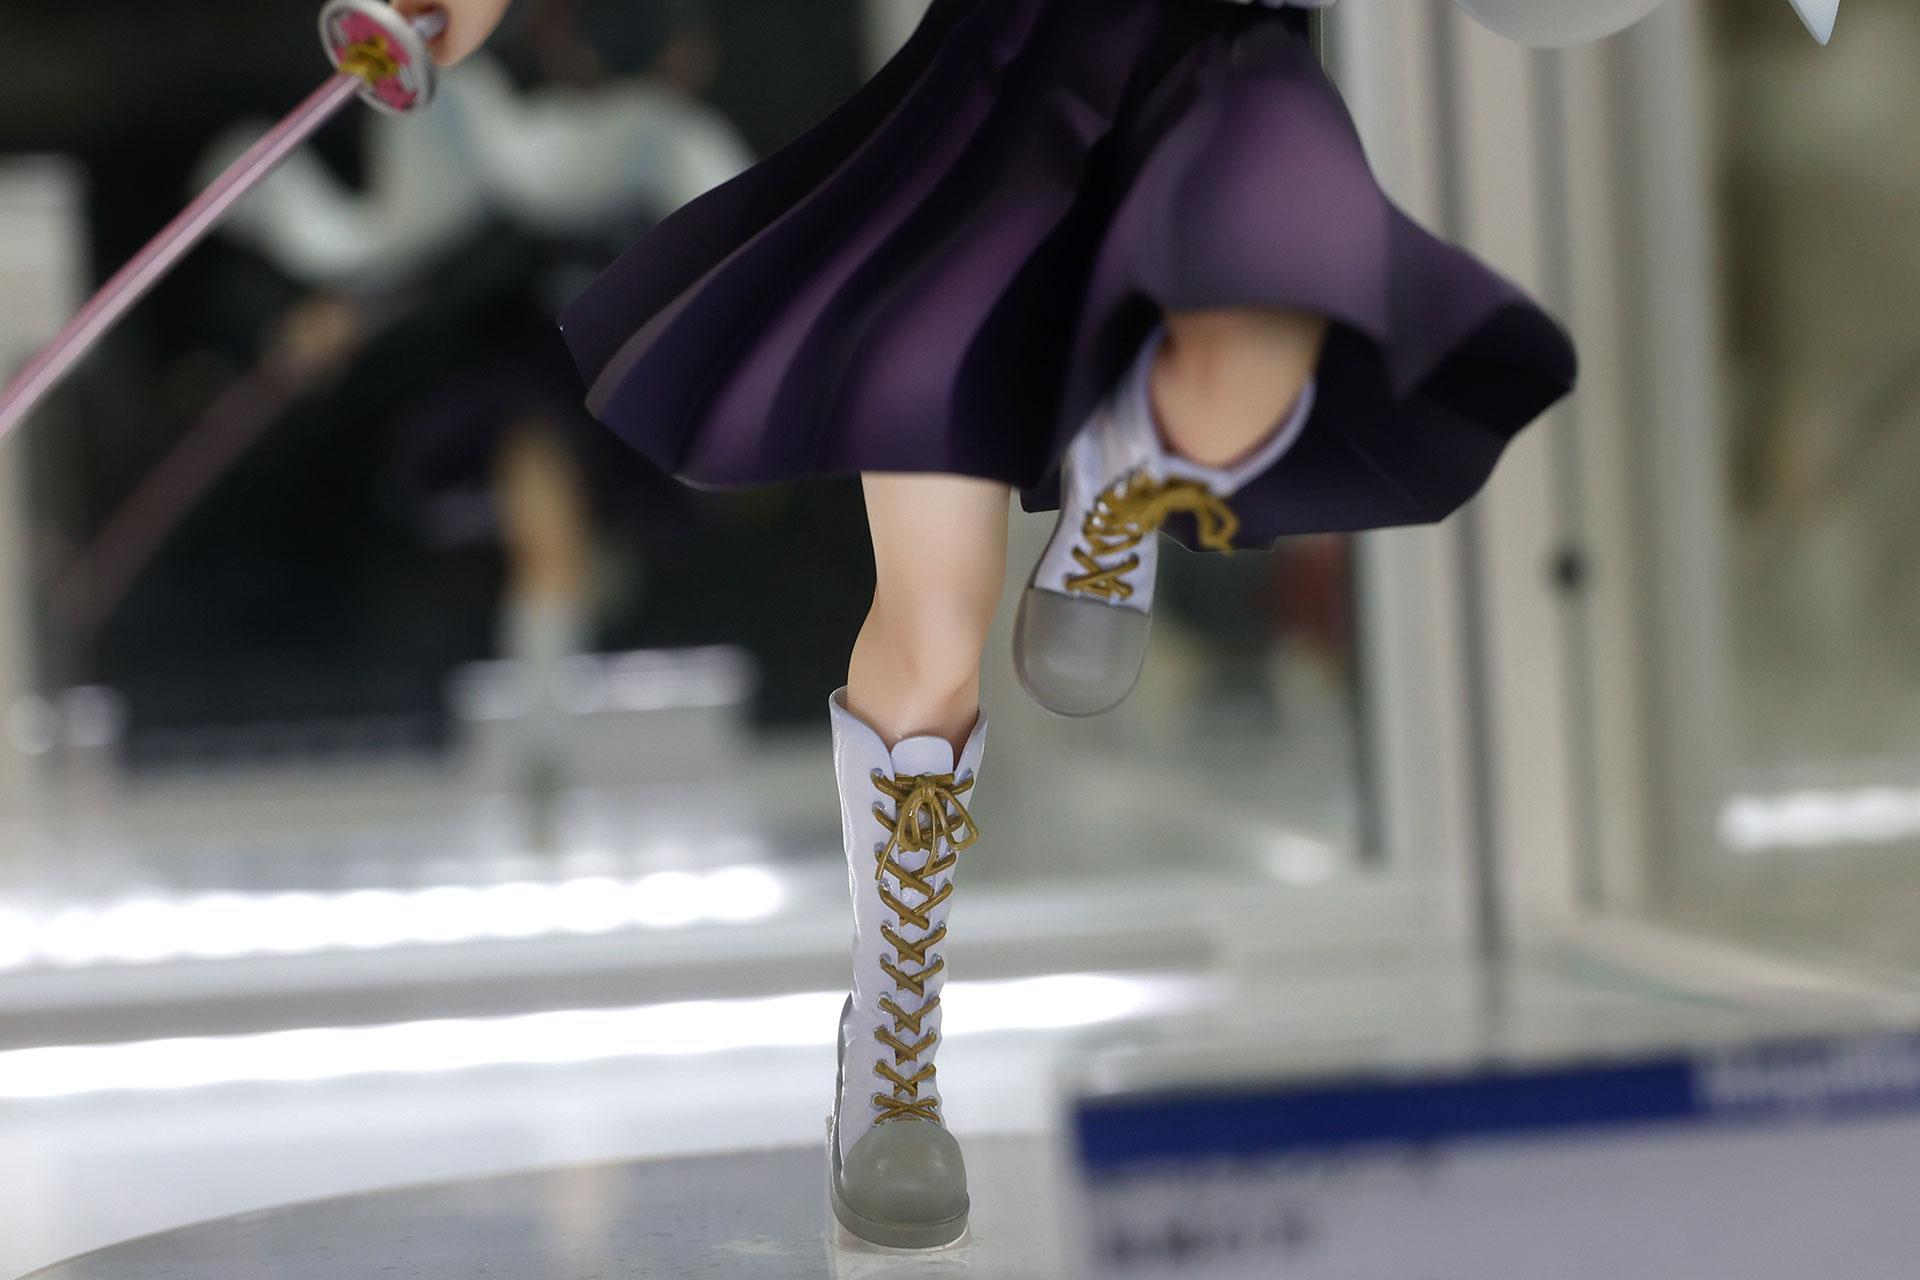 白いロングブーツに靴紐など、小物も含めて繊細な出来栄え